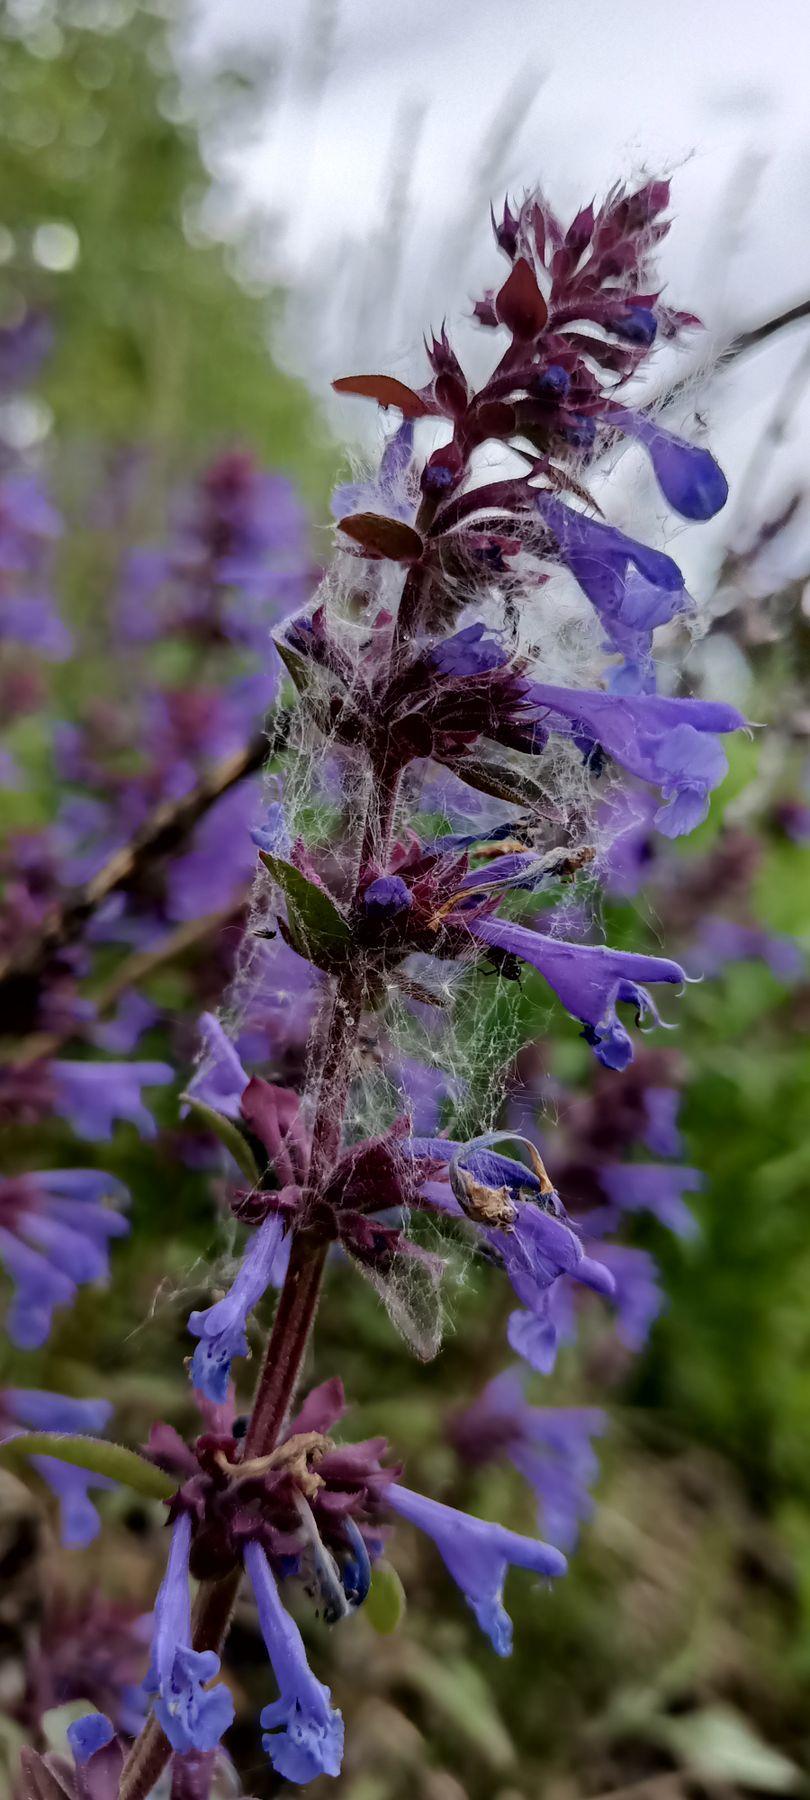 Опутанный Цветок цветочек синий цветок синенький в паутине запутанный опутан опутанный паутиной паутина паутинка попался сеть паучья